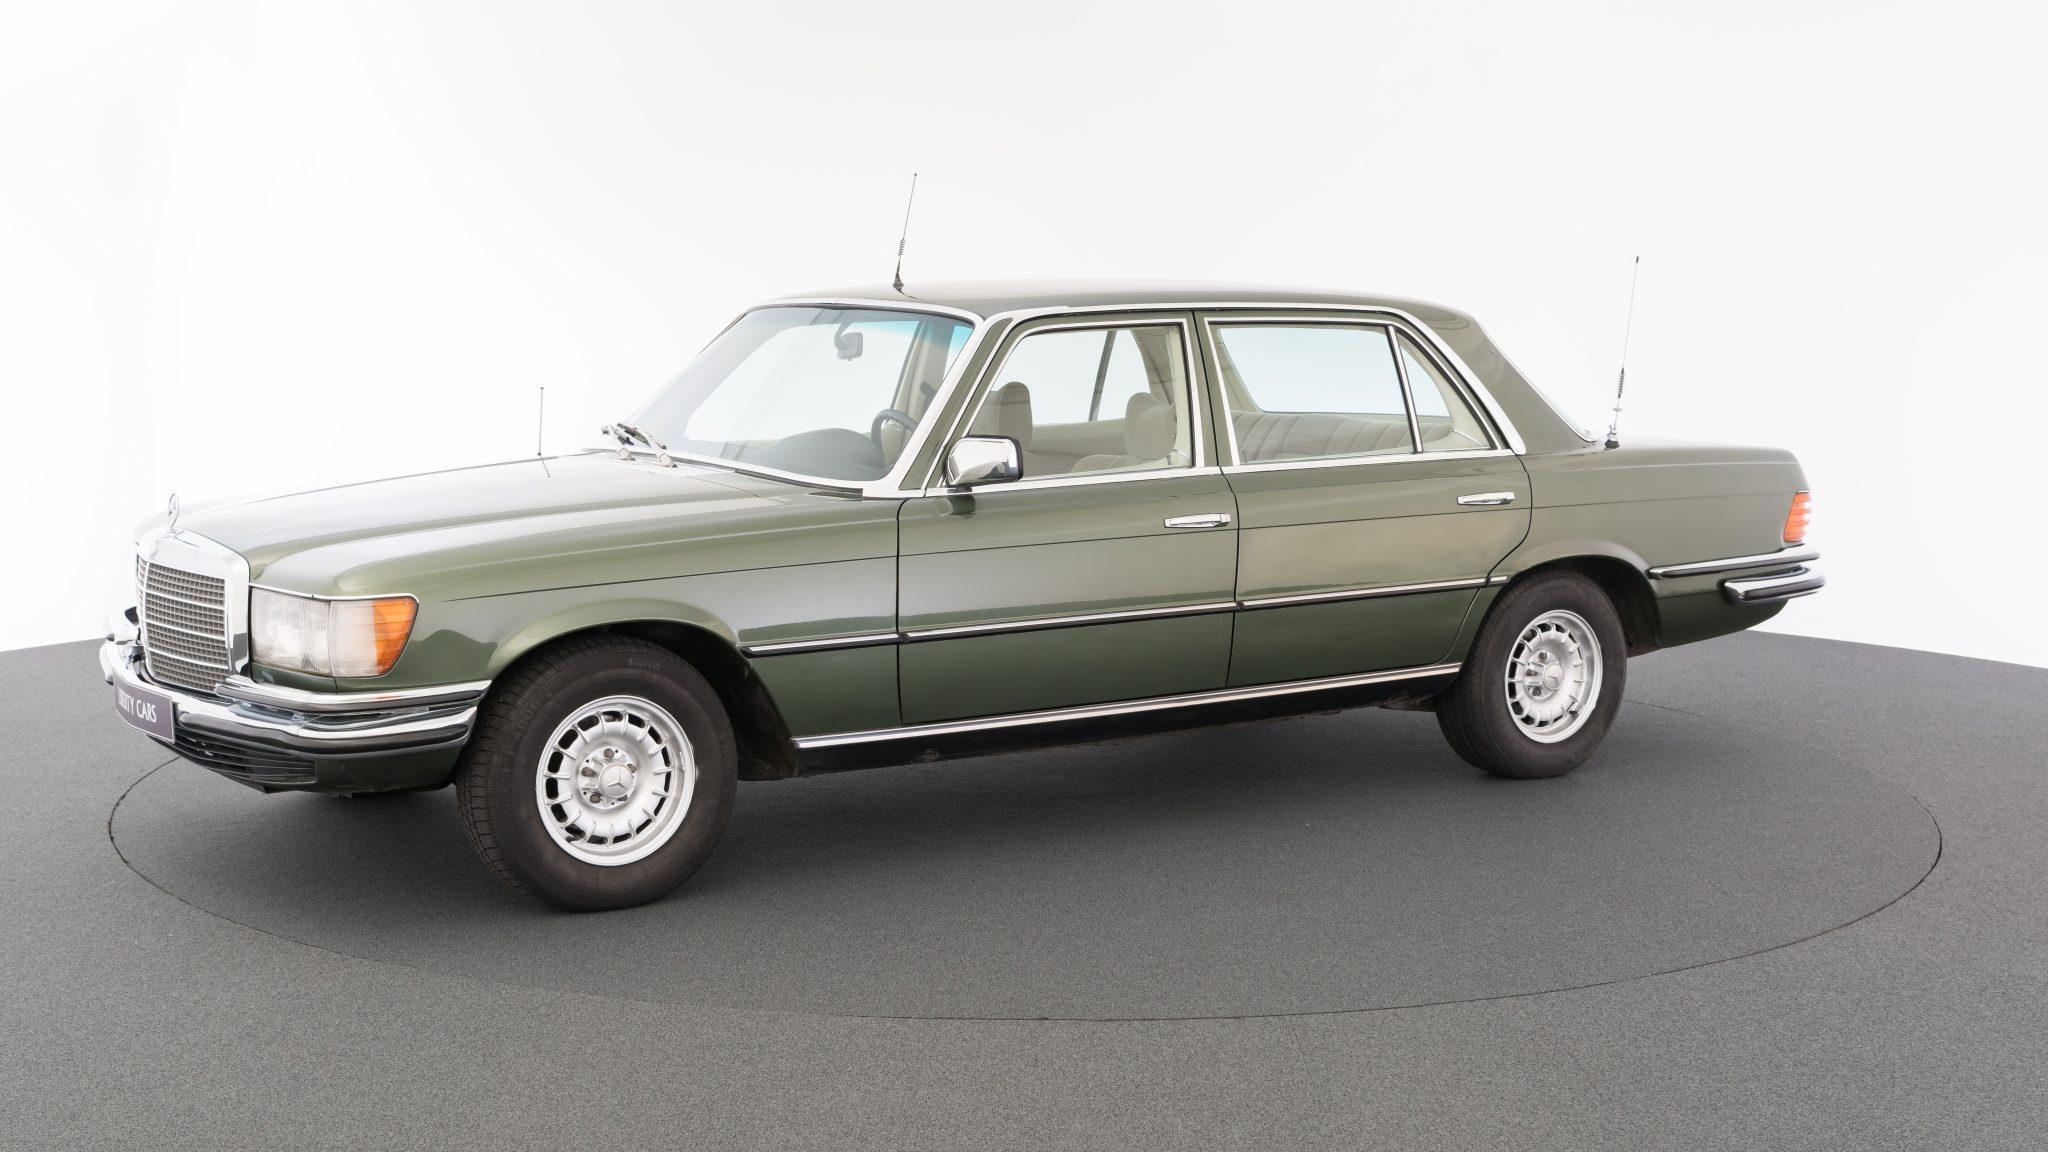 Mercedes Benz History Of Models >> Mercedes-Benz 450 SEL V8 | Liberty Cars Exclusive Automotive